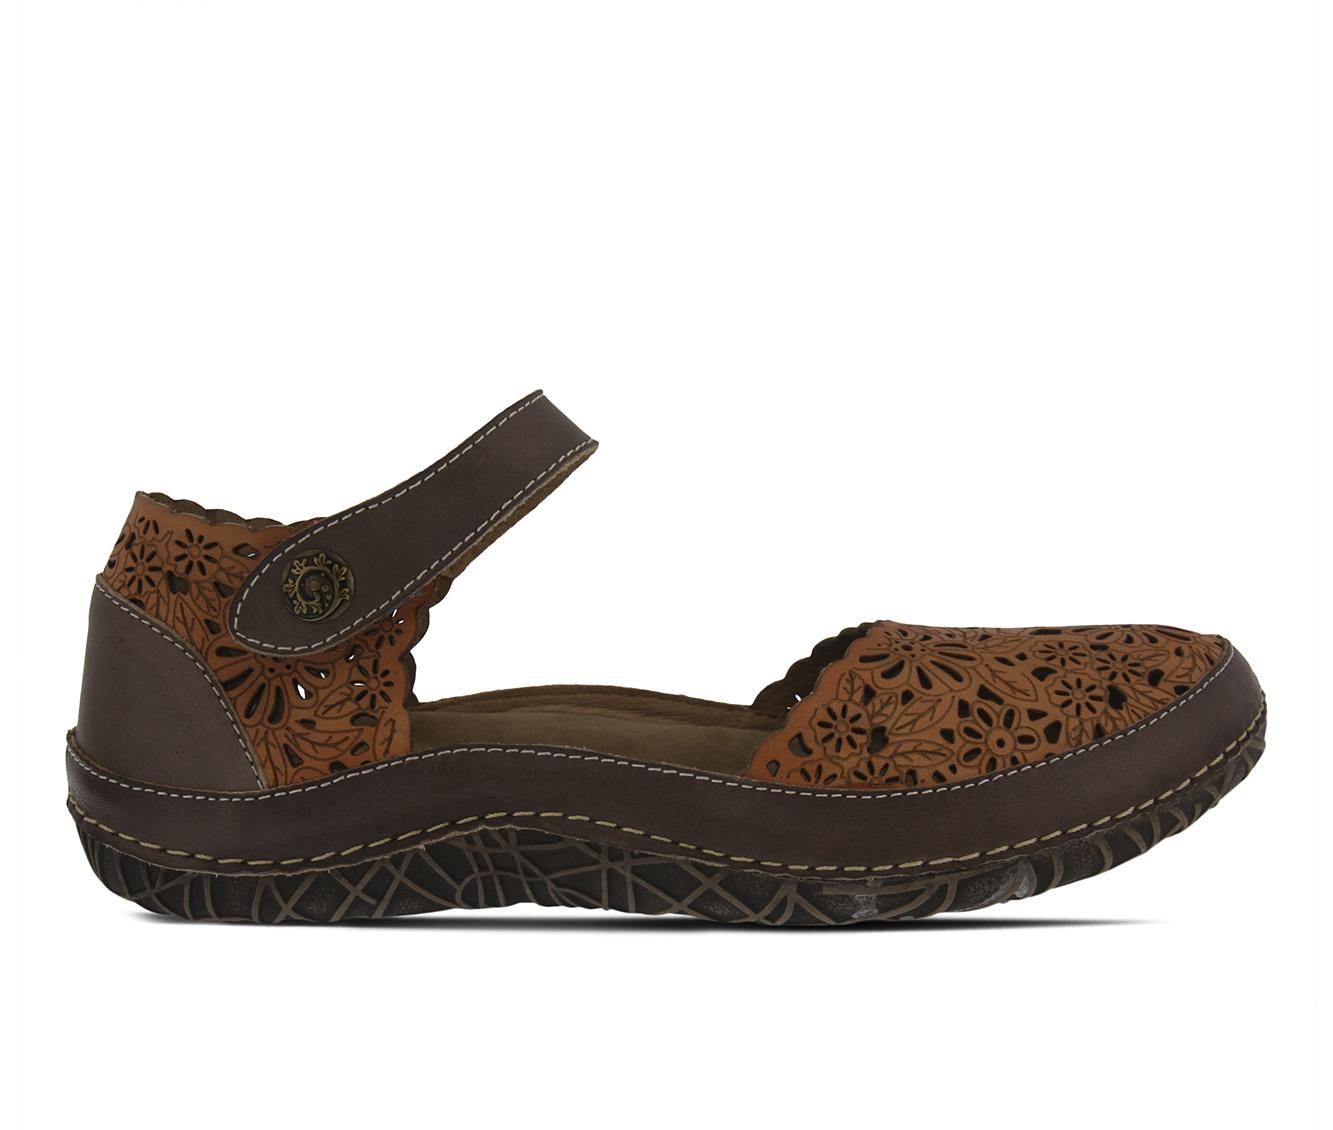 L'Artiste Kysandra Women's Shoe (Beige Leather)